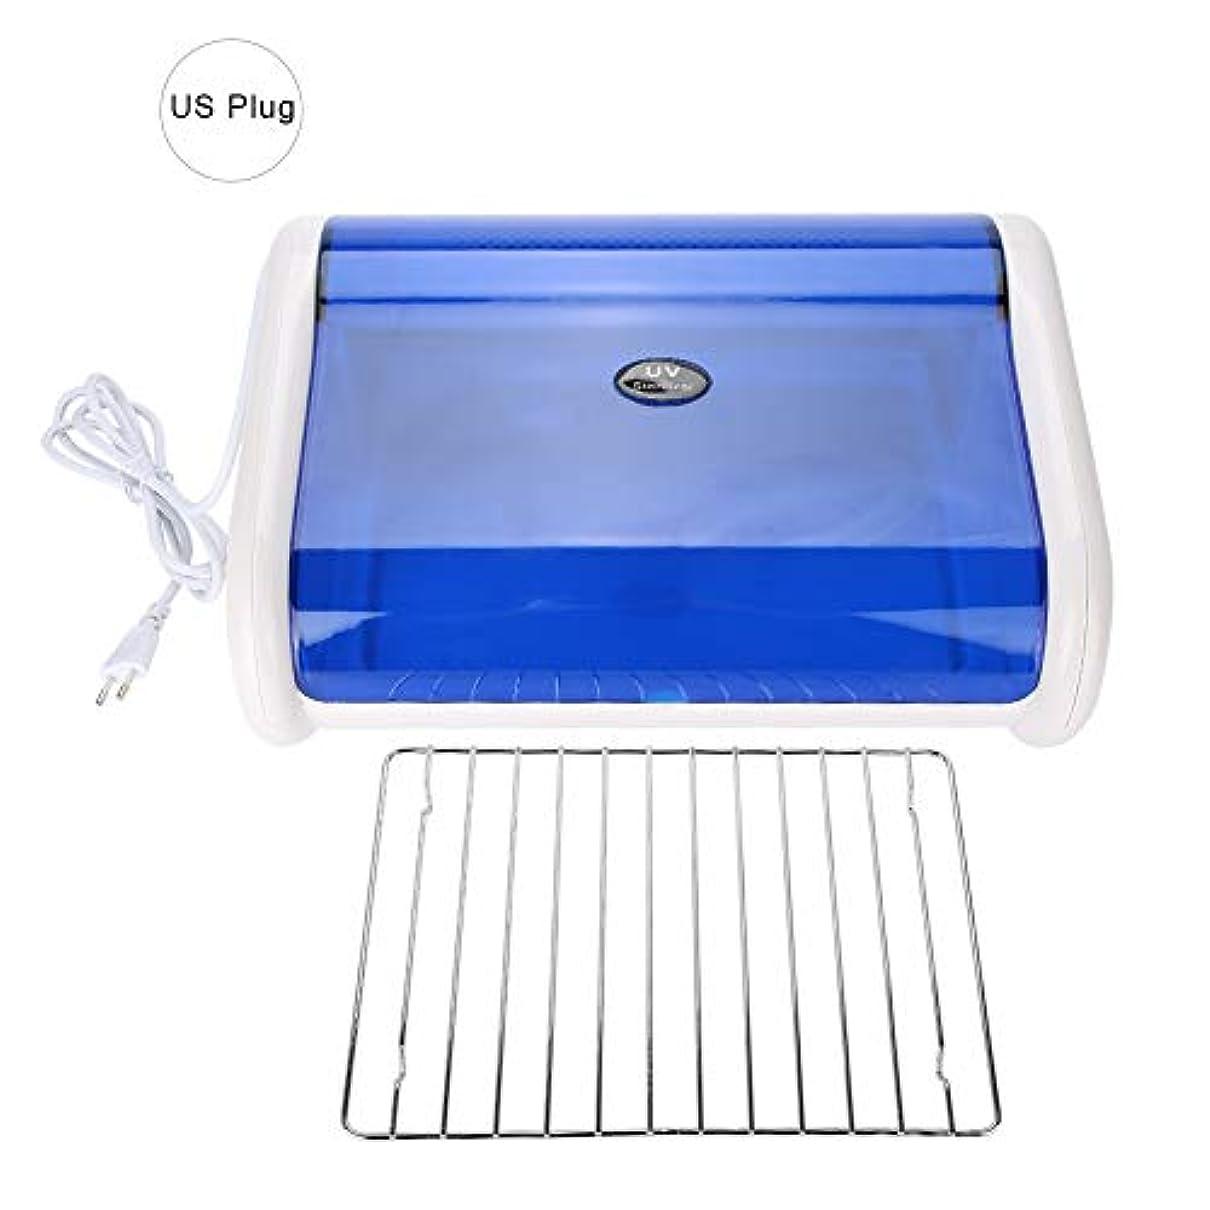 疲れたなだめる抵抗UV消毒器 Delaman208 ネイルマニキュアツール UV 消毒 除菌 抗菌 消毒器 消毒機 衛生機器 USプラグホワイト+ブルー(M)